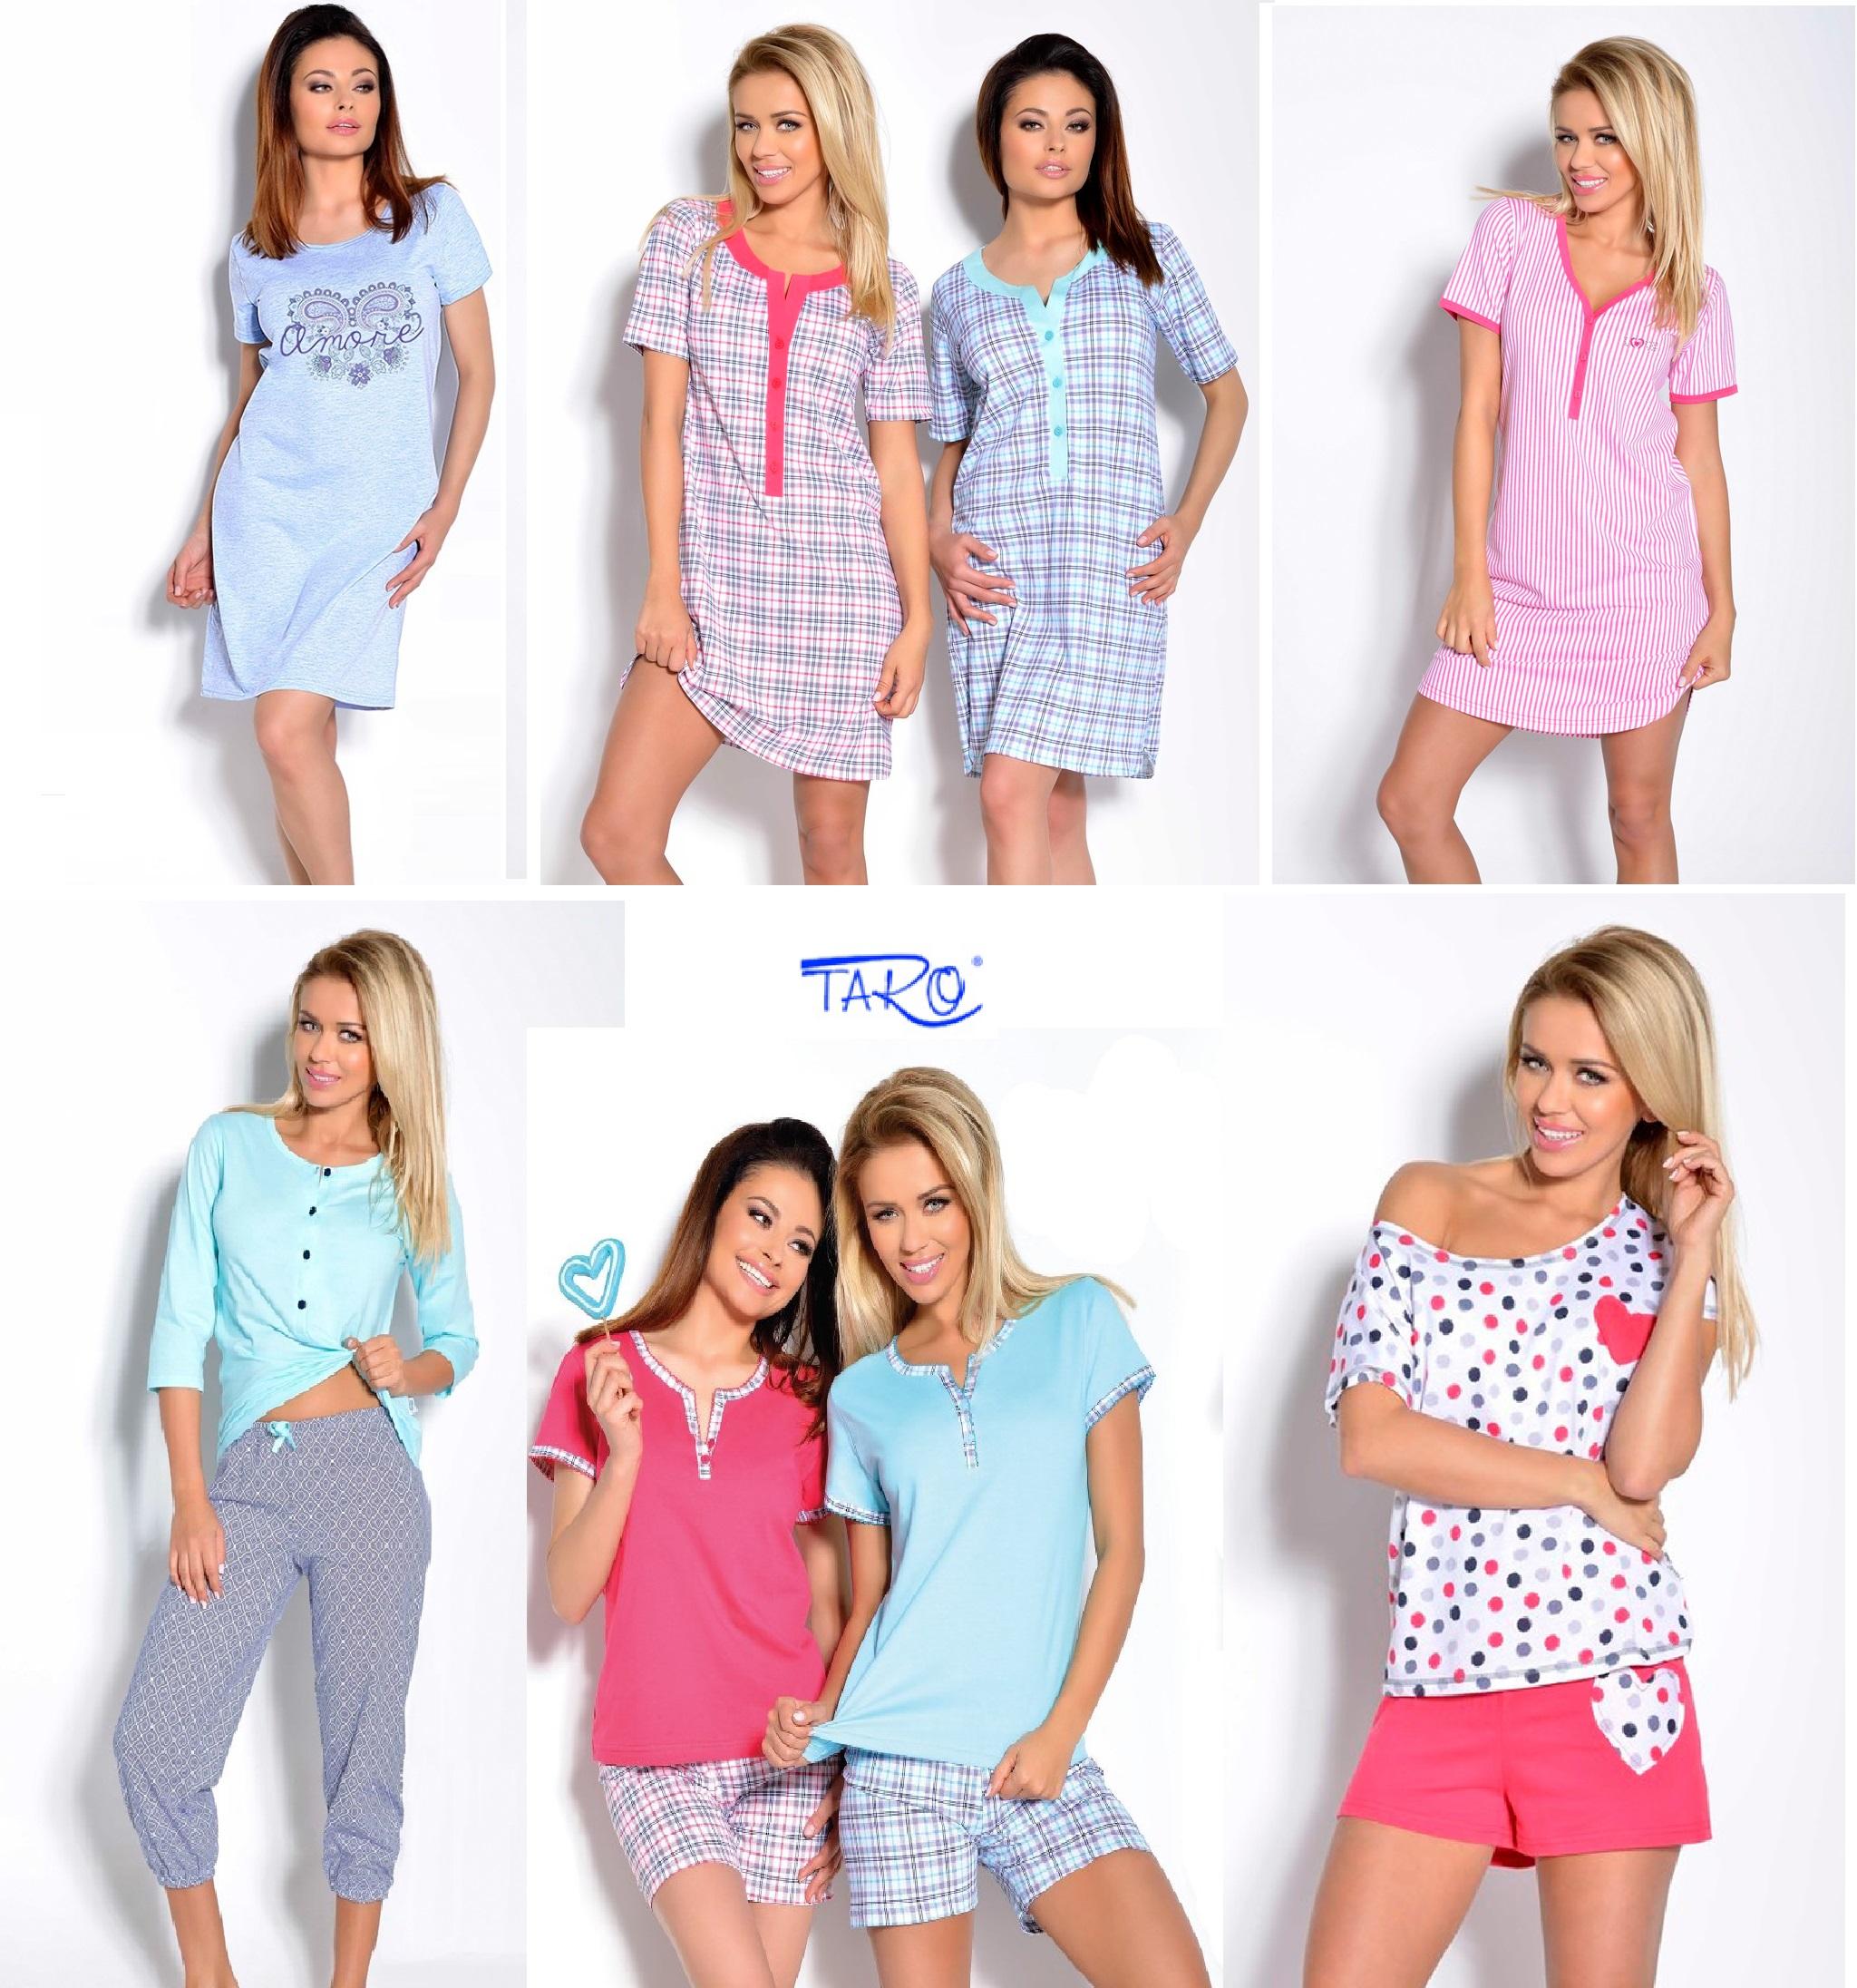 Женские пижамы, сорочки, комплекты TARO купить в интернет-магазине Киев